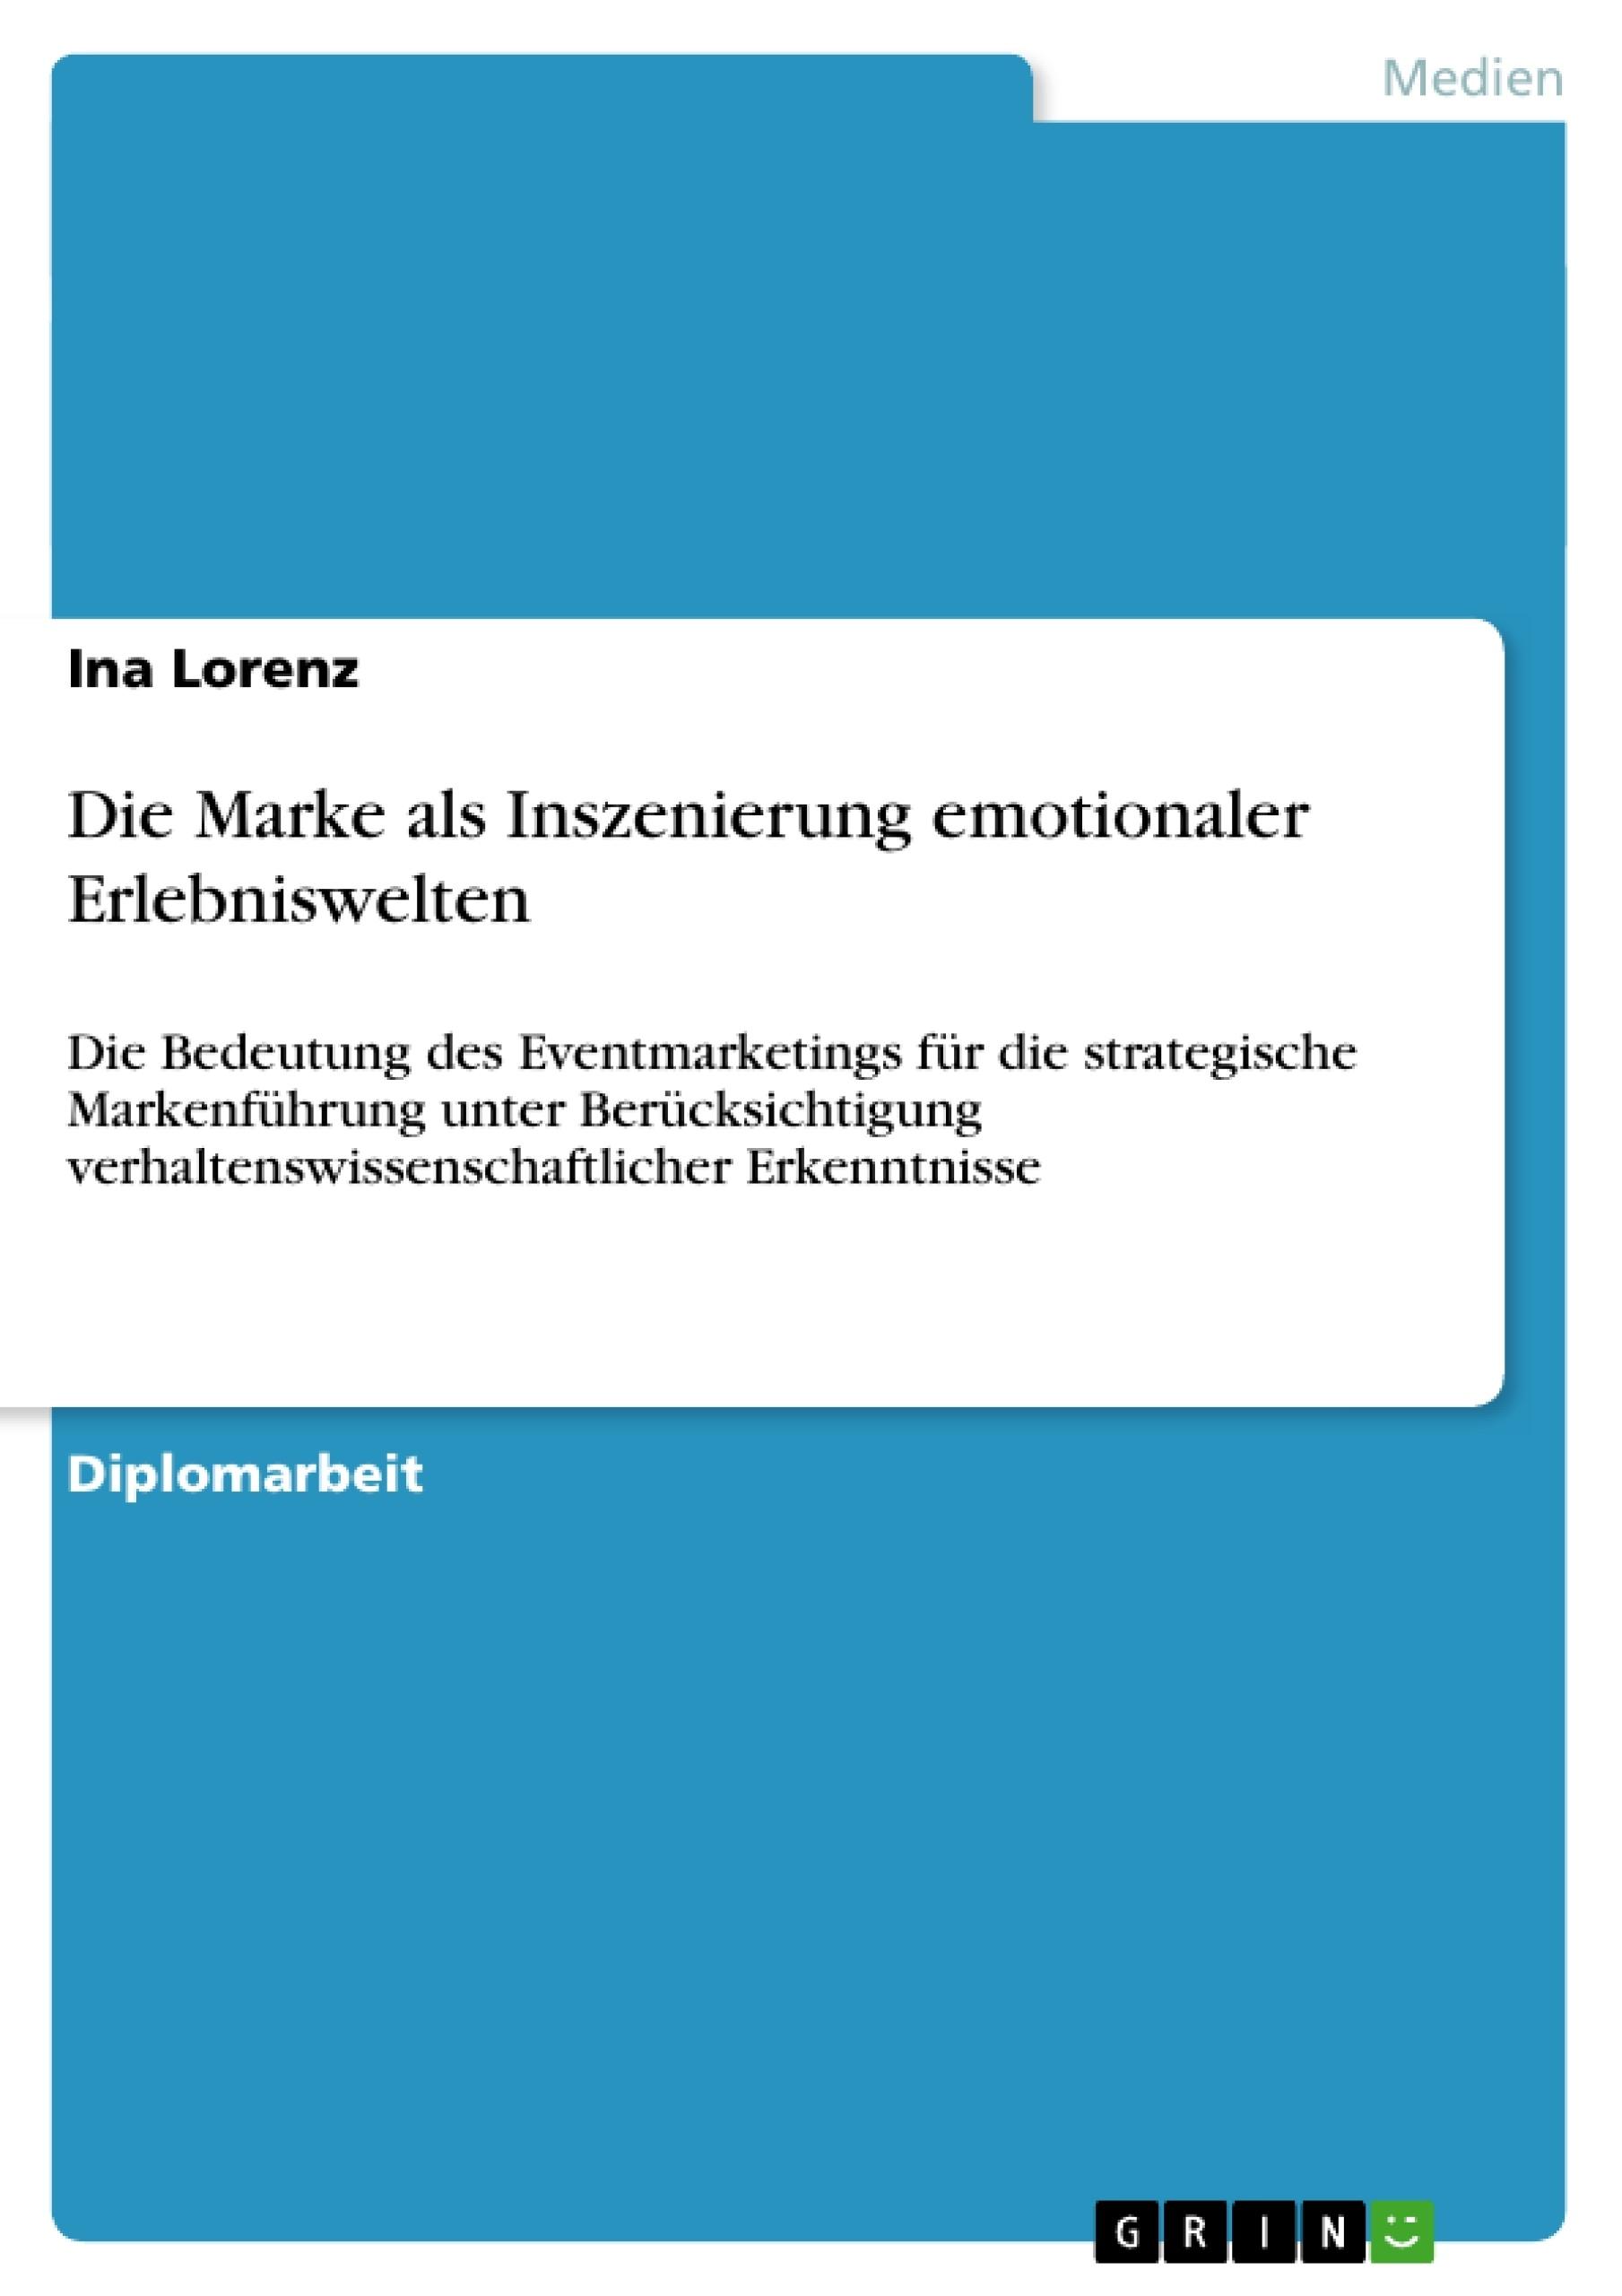 Titel: Die Marke als Inszenierung emotionaler Erlebniswelten